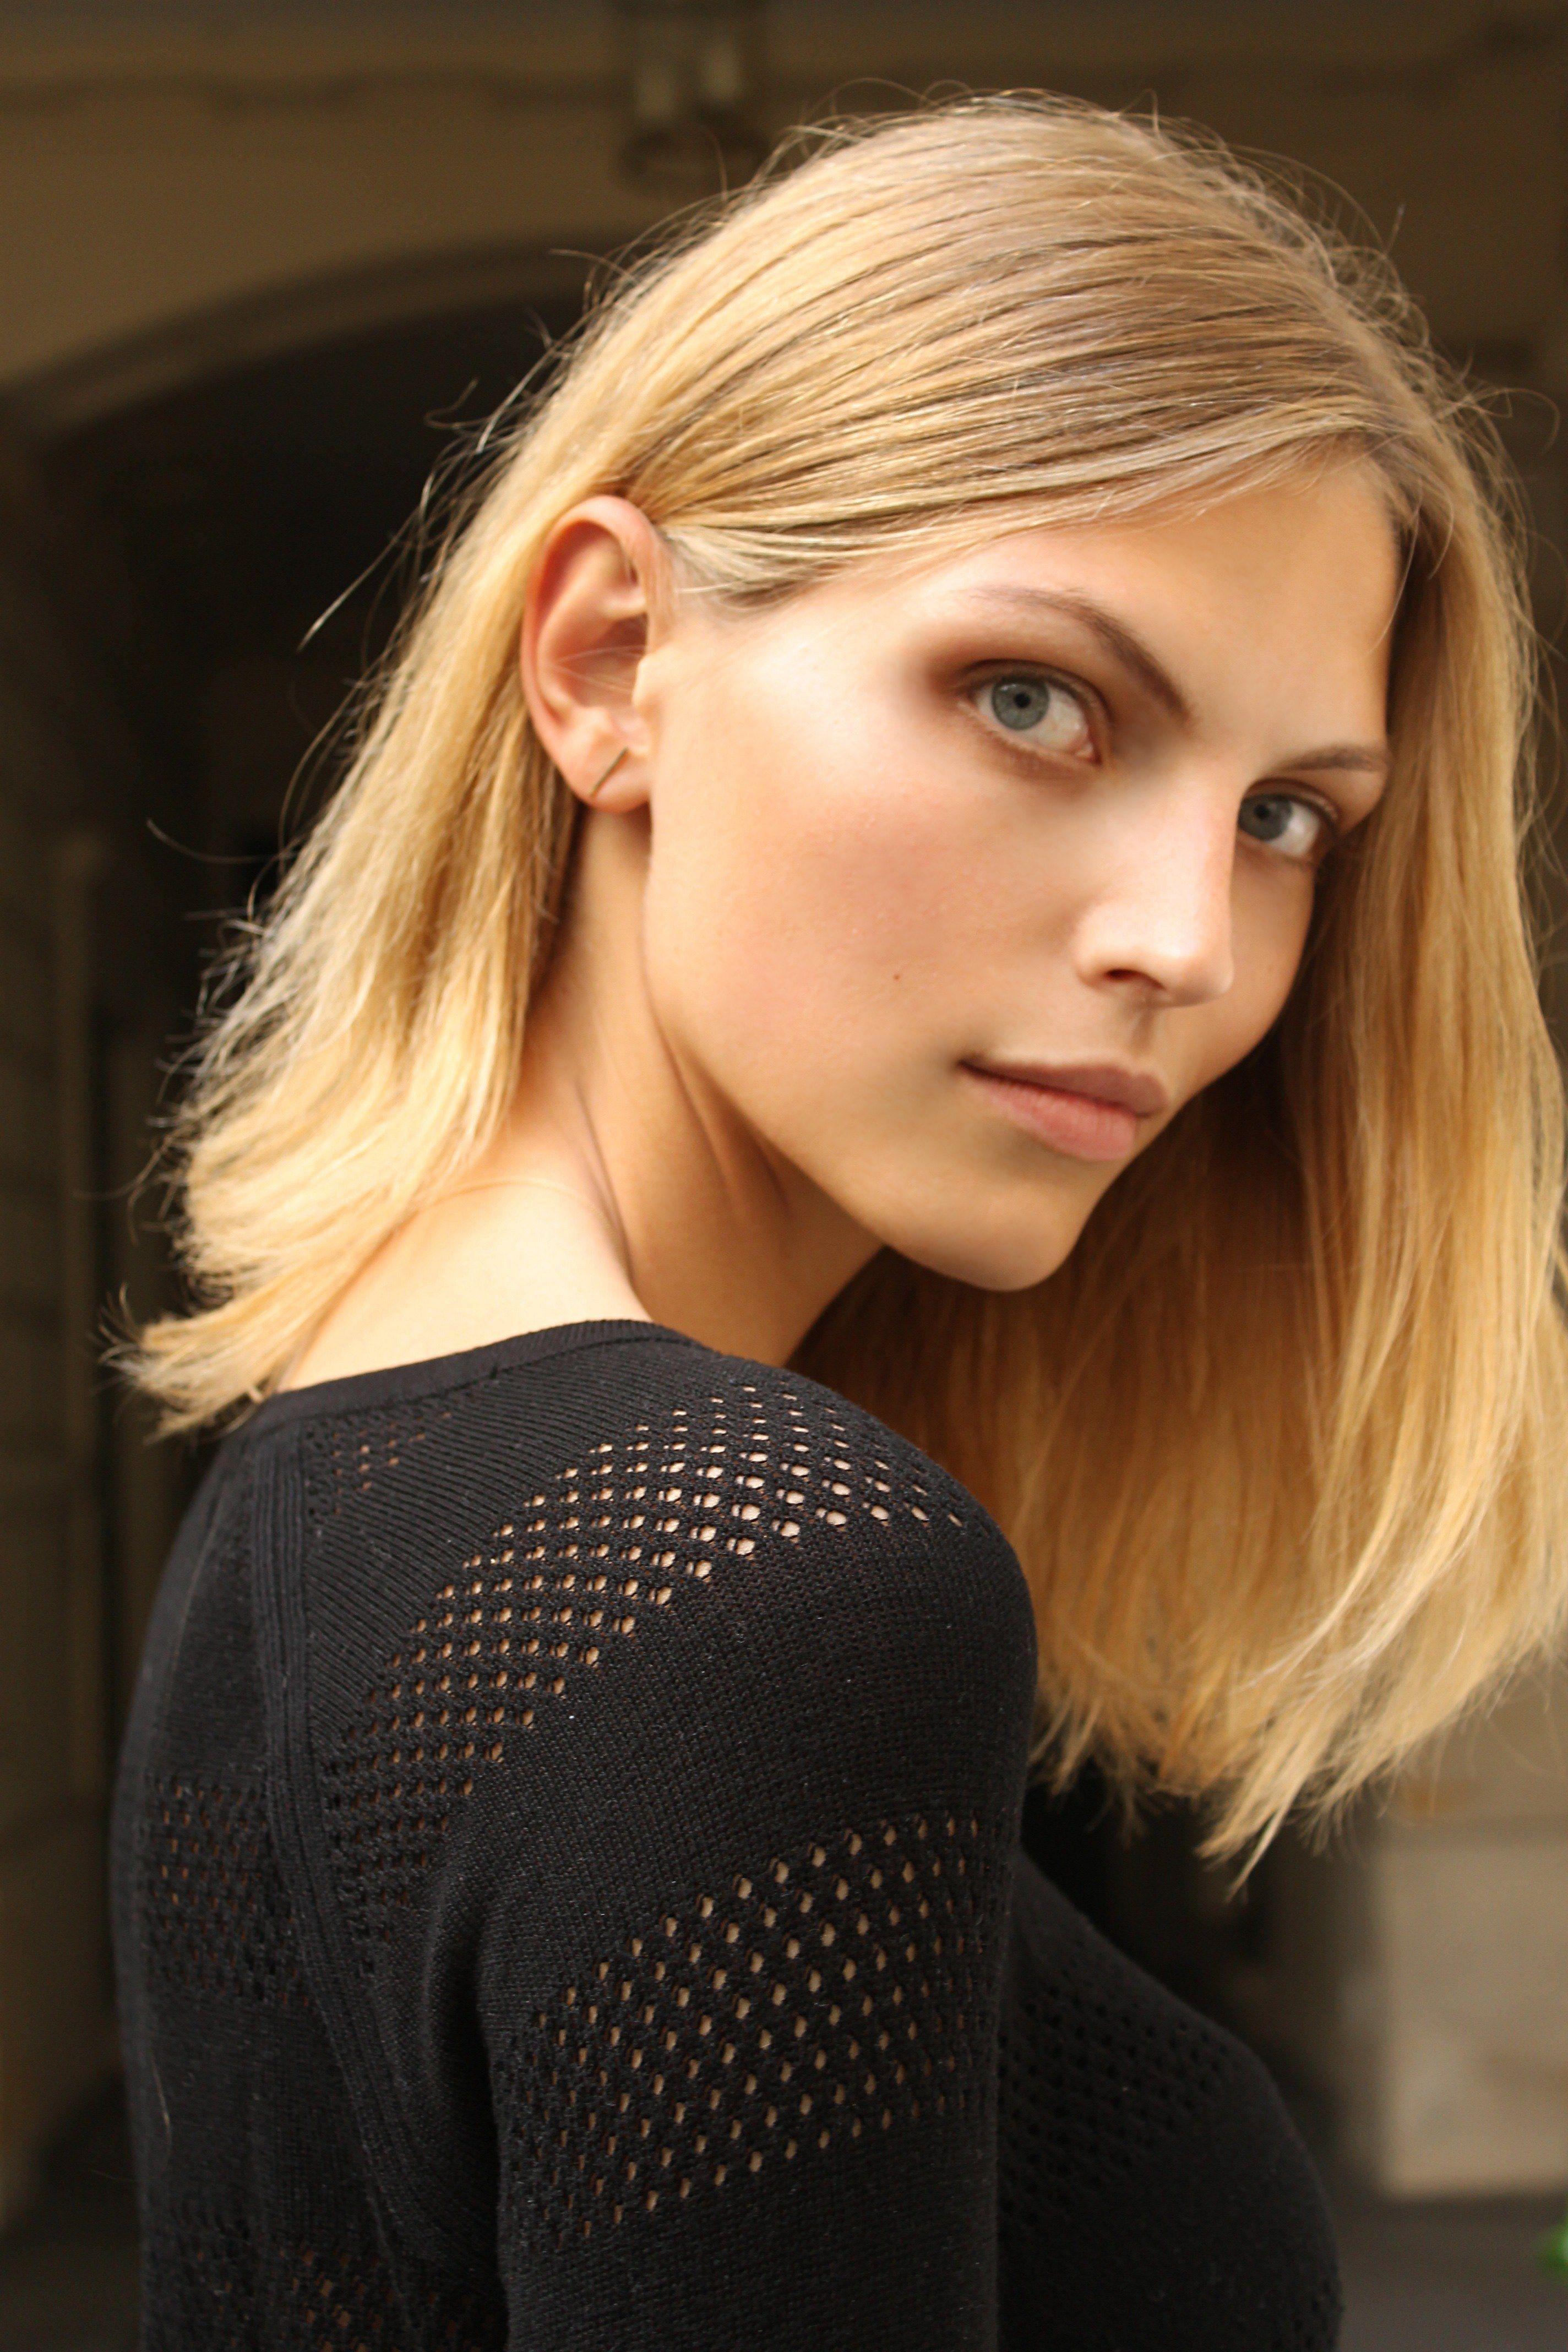 Fashion week Ellingson lindsay makeup line for girls